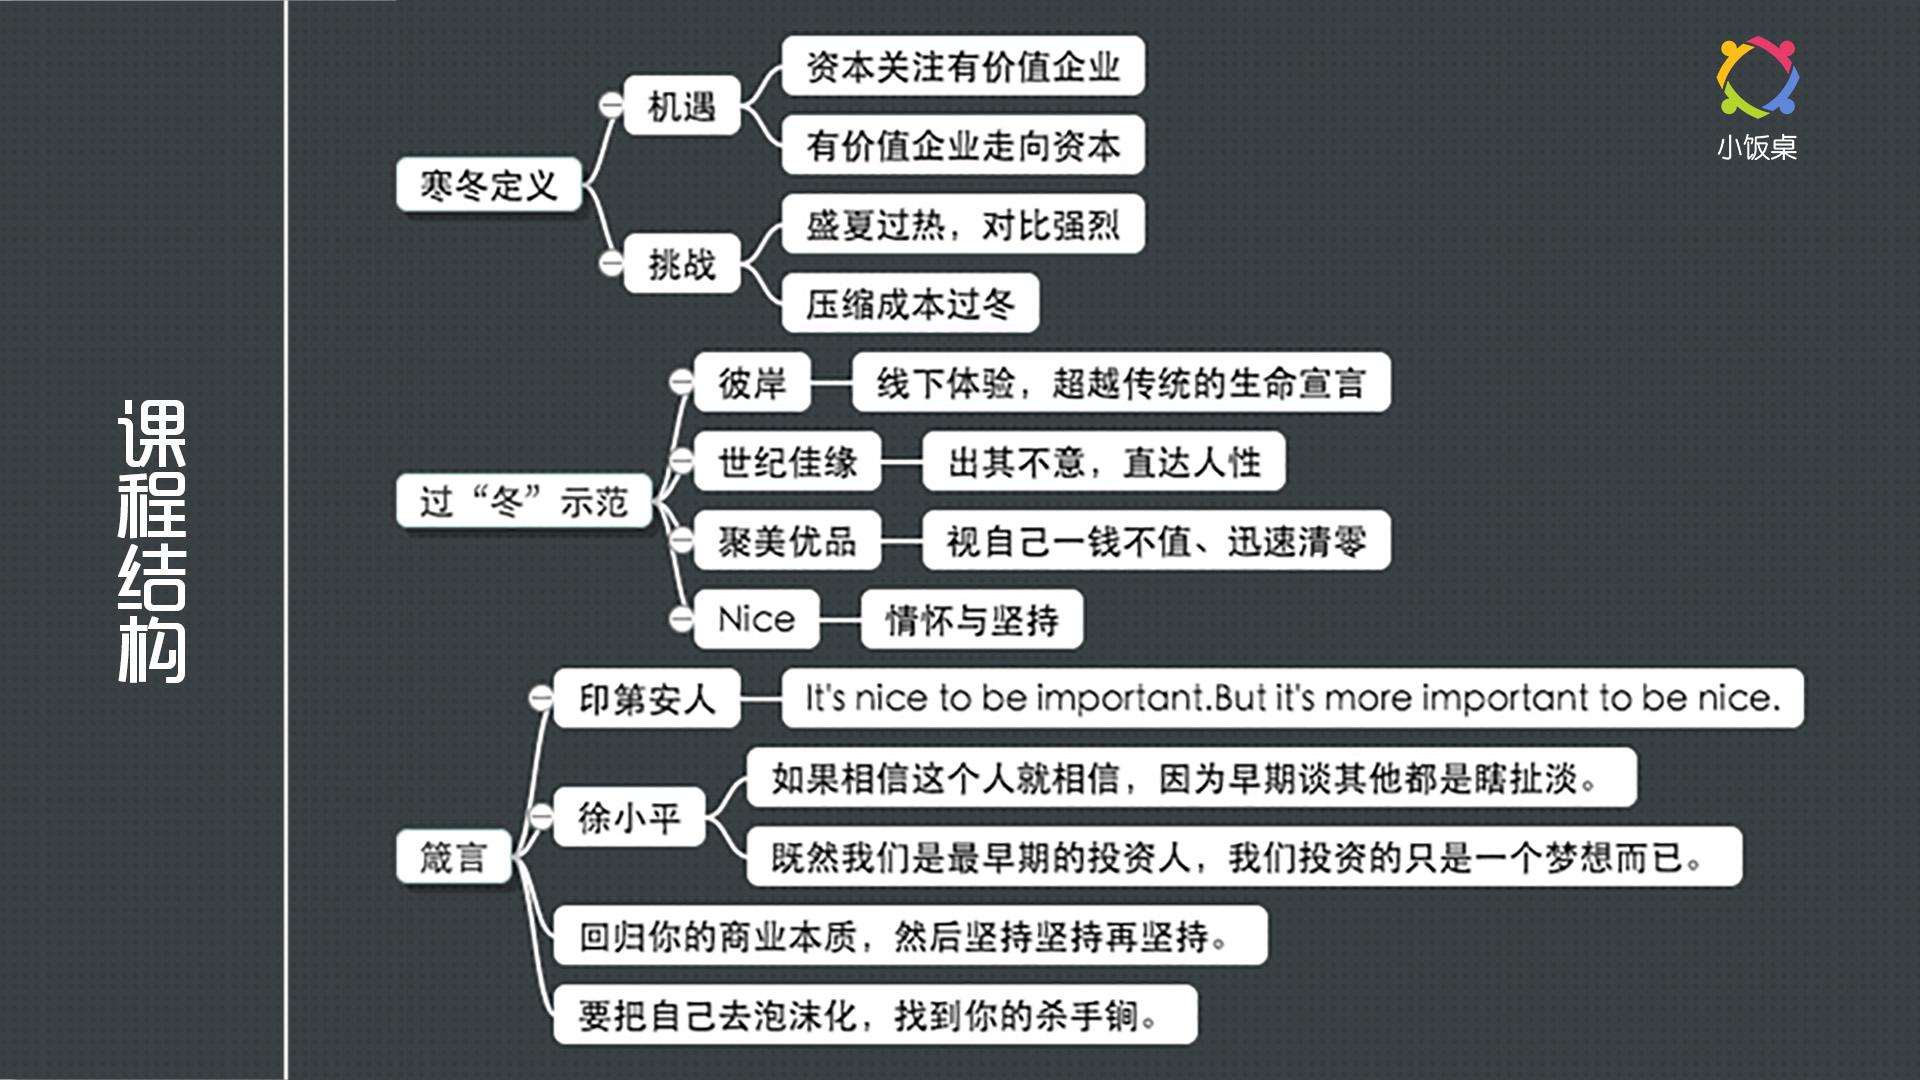 汪凤炎教育心理学框架思维导图